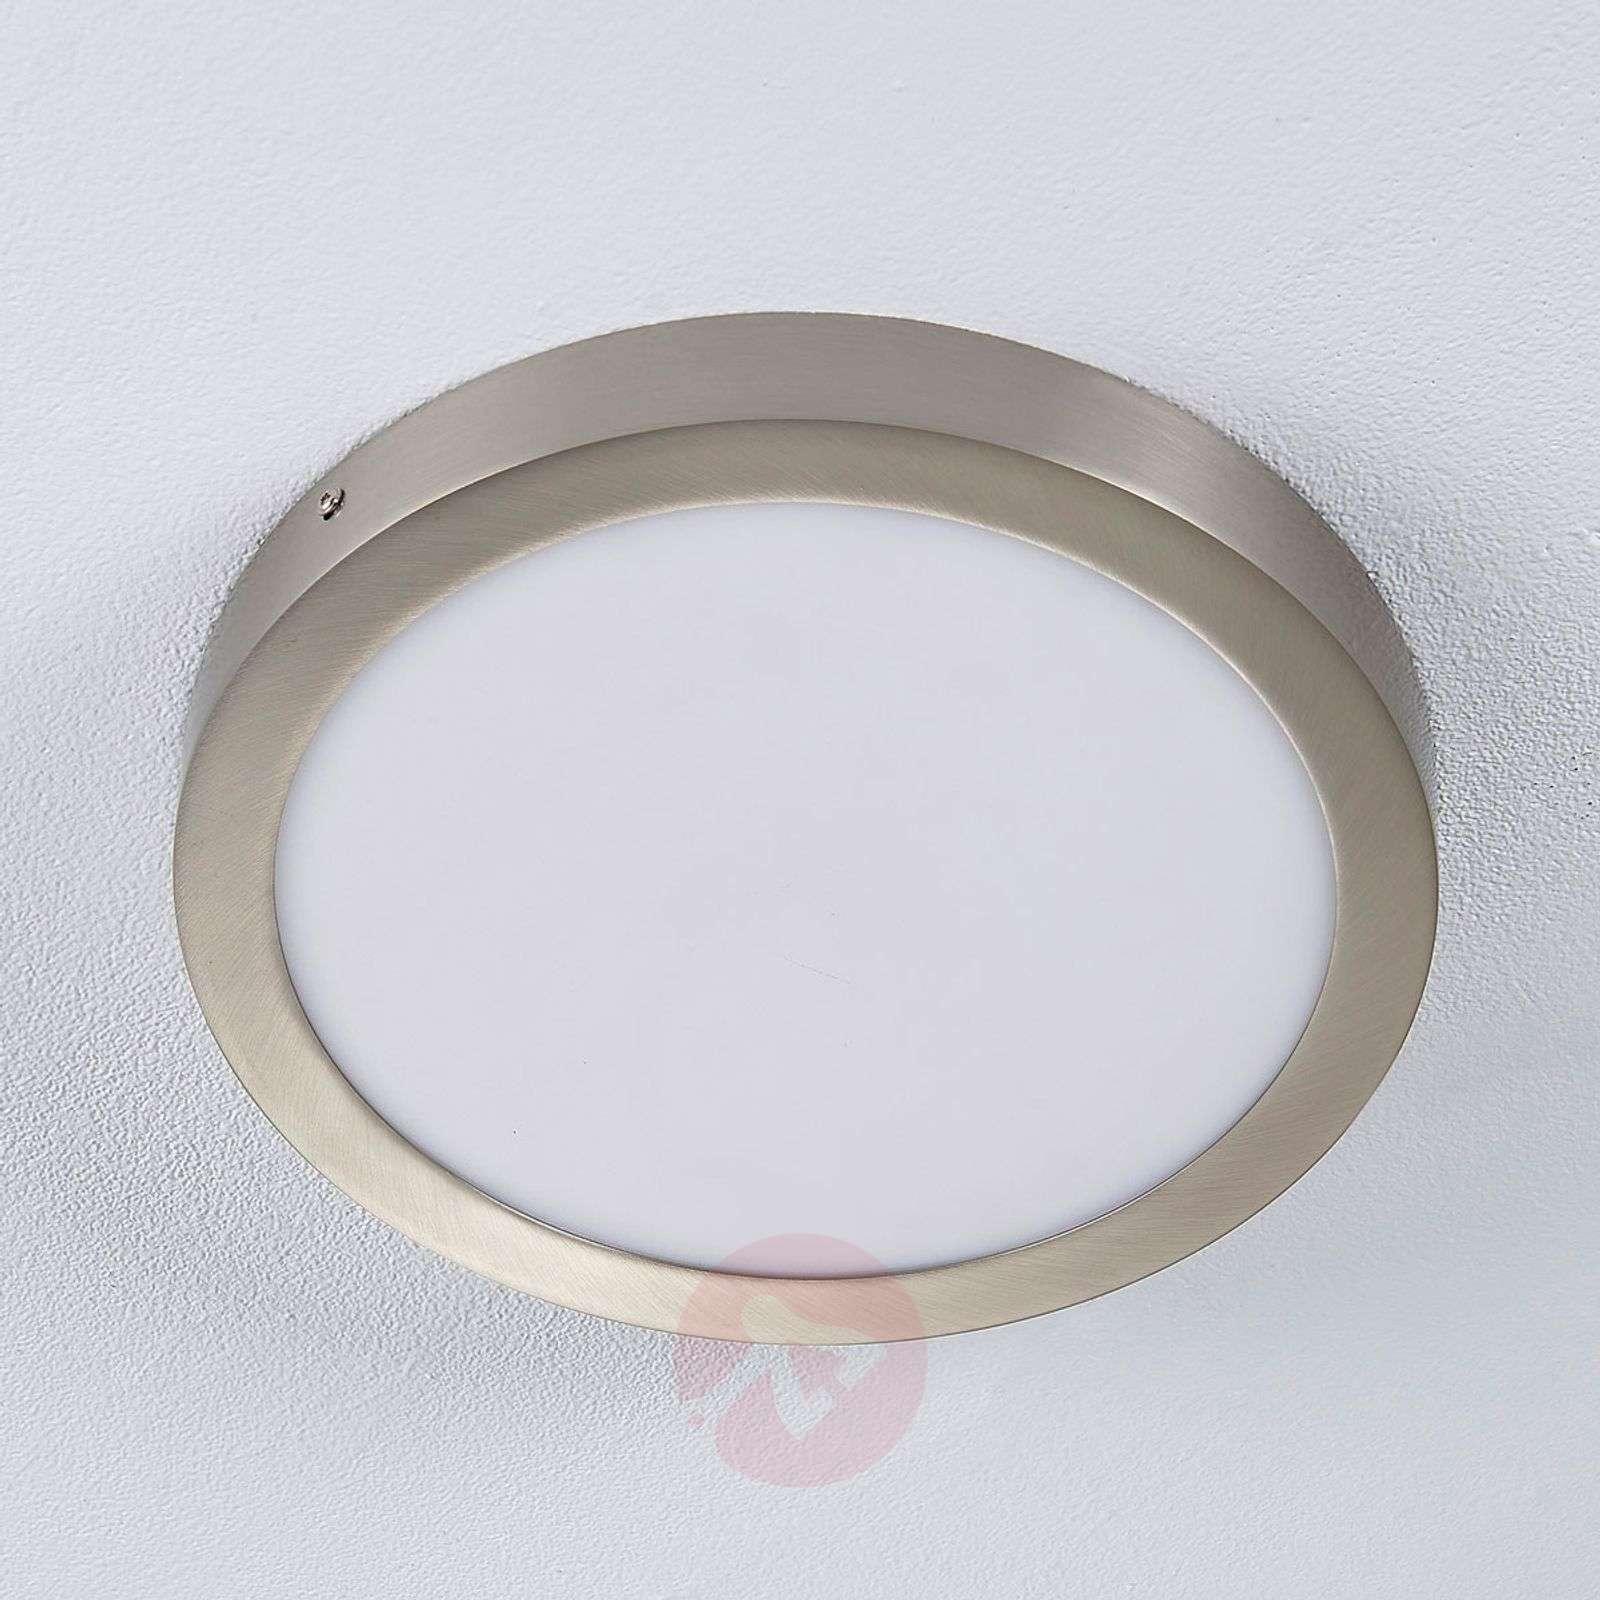 Milea pyöreä LED-kattovalaisin-9620945-09